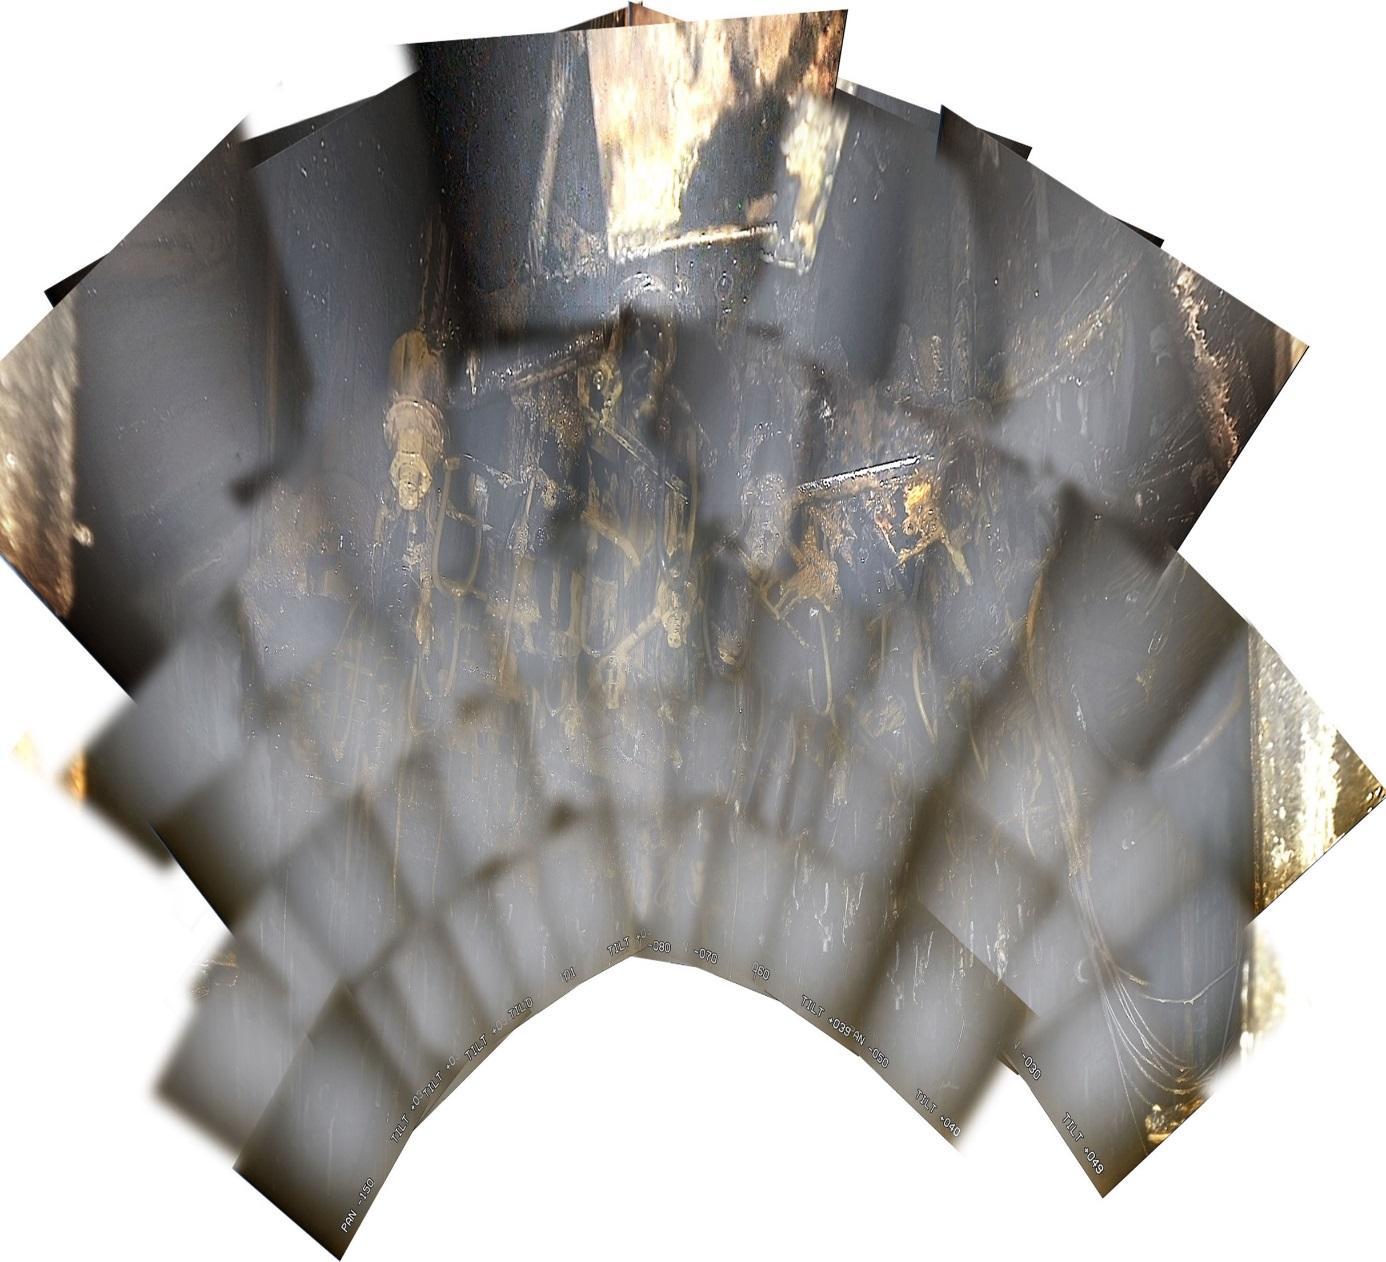 Pohled nahoru na spodní část tlakové nádoby reaktoru, opět seskládaný z mnoha fotografií. Je vidět jak poškozené, tak i nepoškozené části. (Zdroj TEPCO).